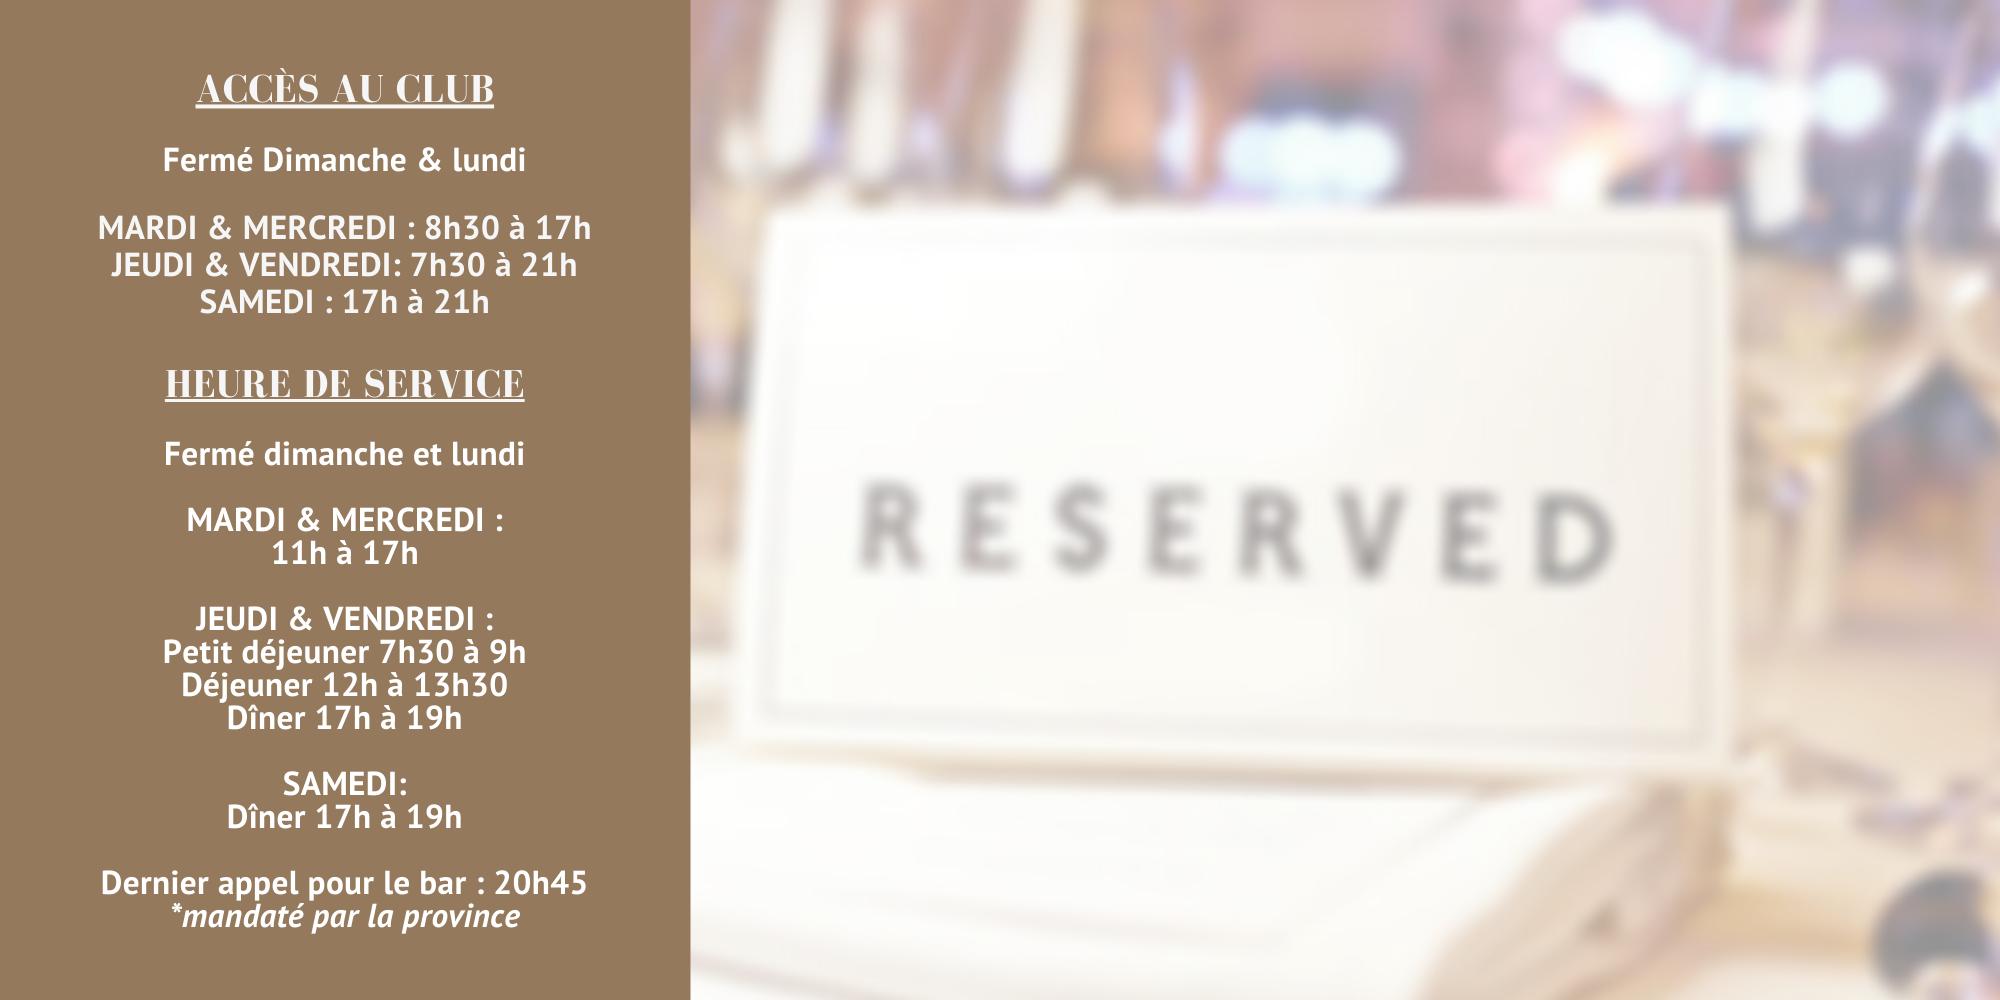 Événement au programme : Le Rideau Club est ouvert!